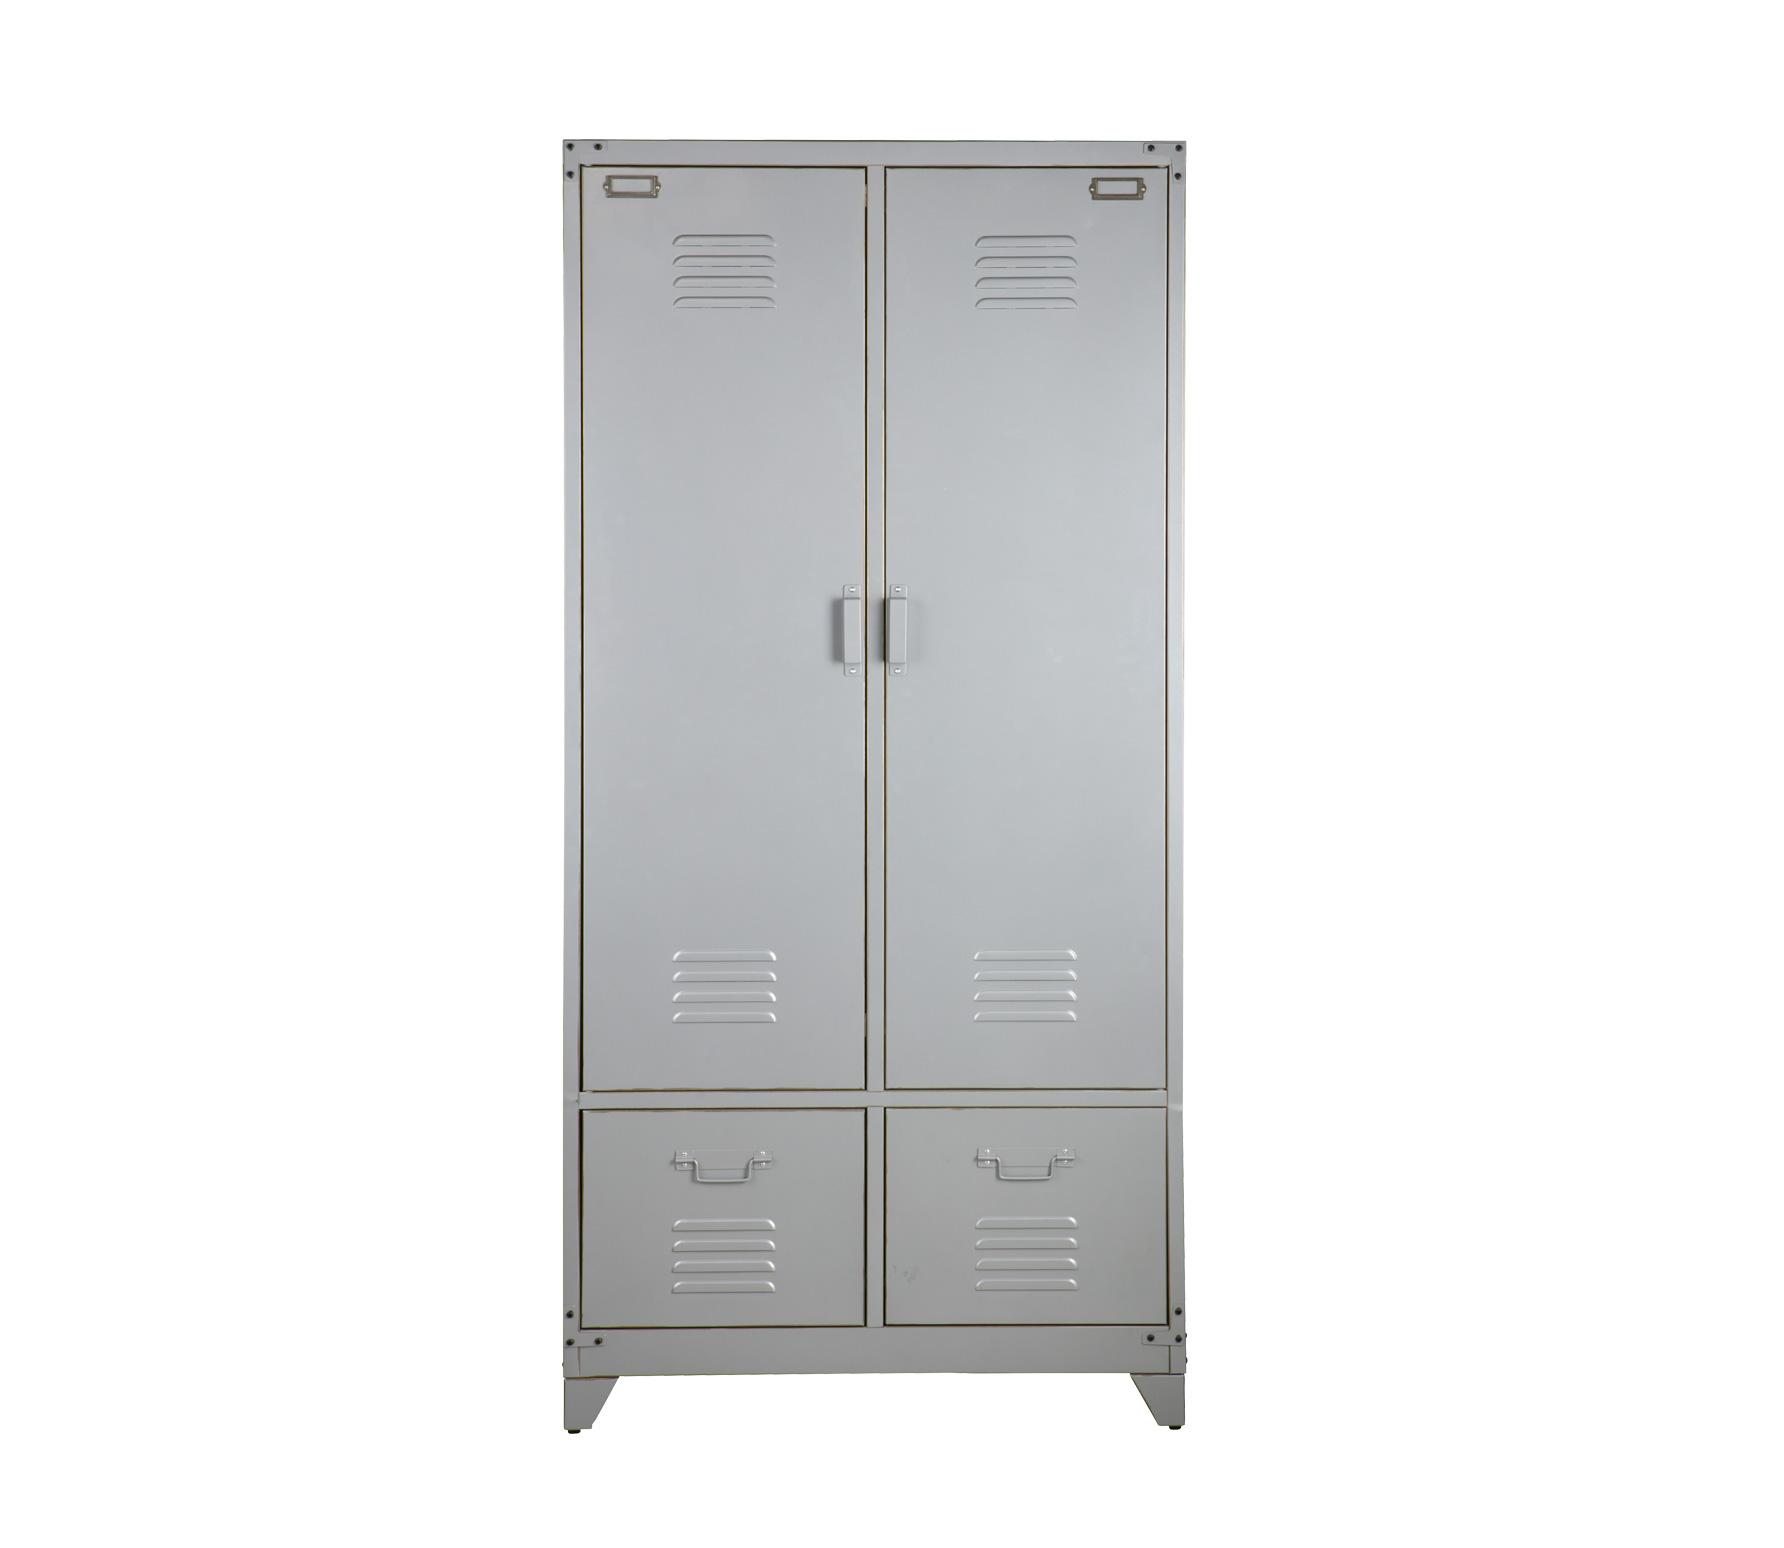 vtwonen Safe lockerkast metaal zilvergrijs open